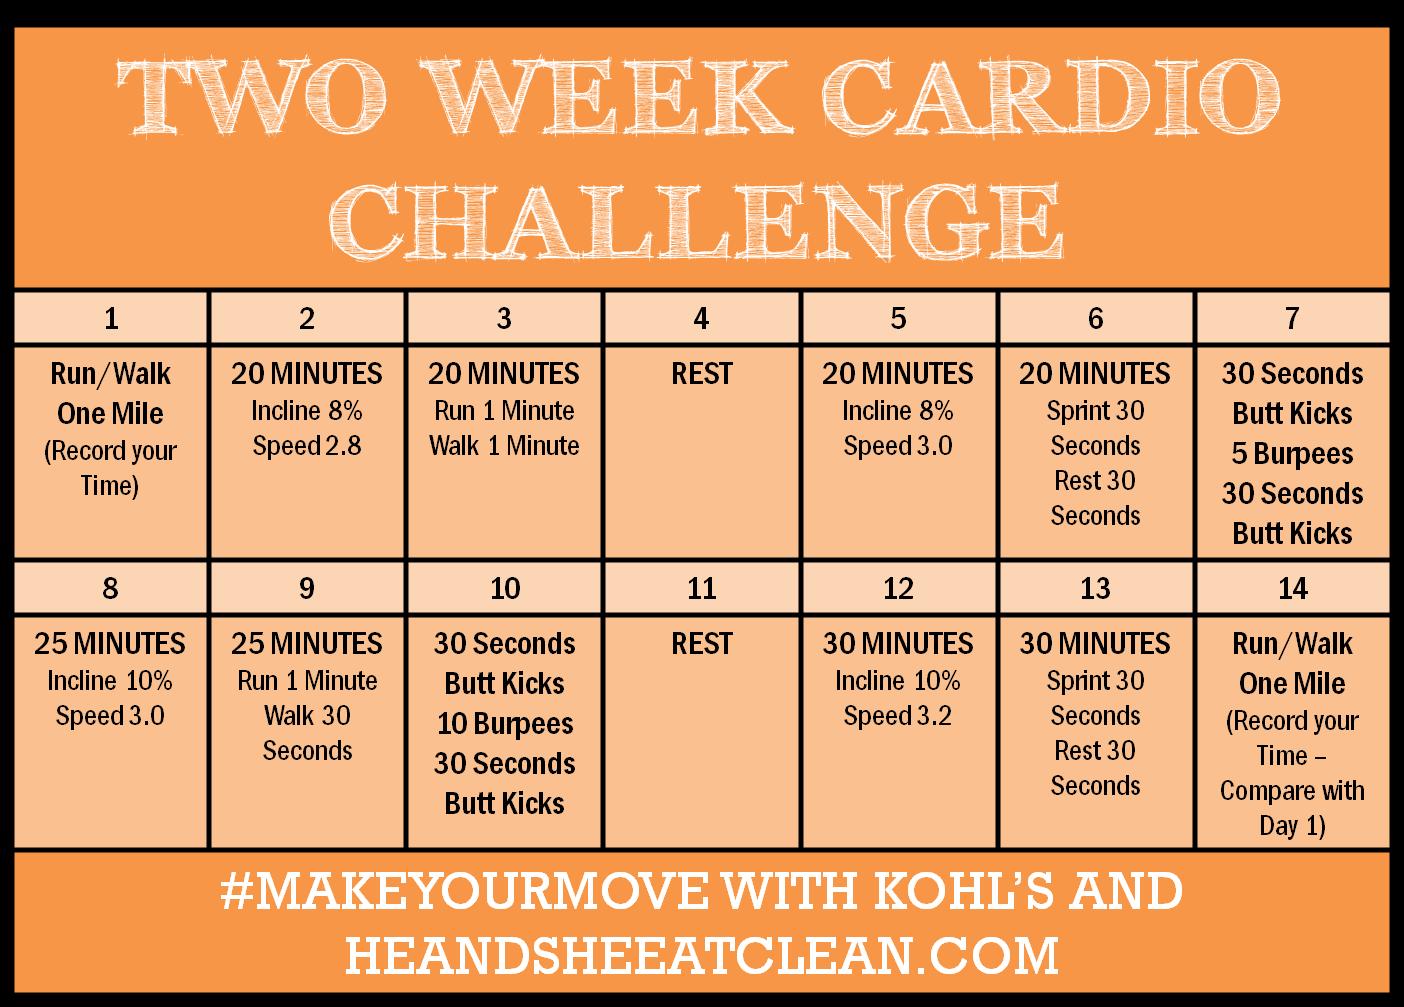 Two Week Cardio Challenge Giveaway